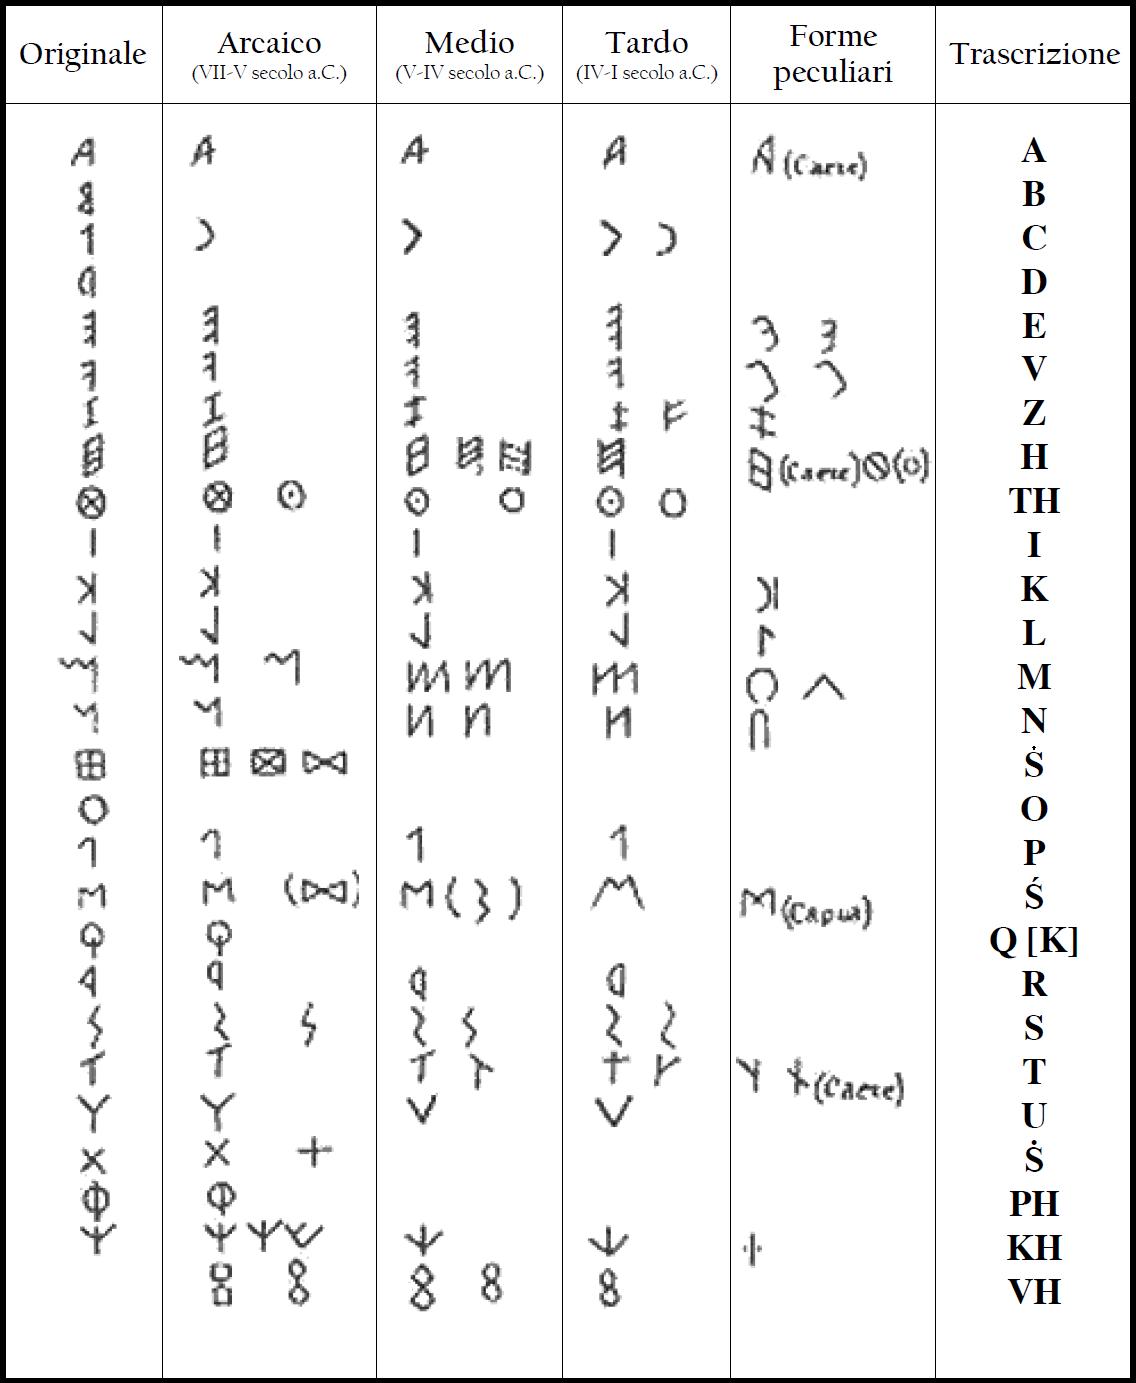 Opiniones de alfabeto etrusco for Lettere ebraiche